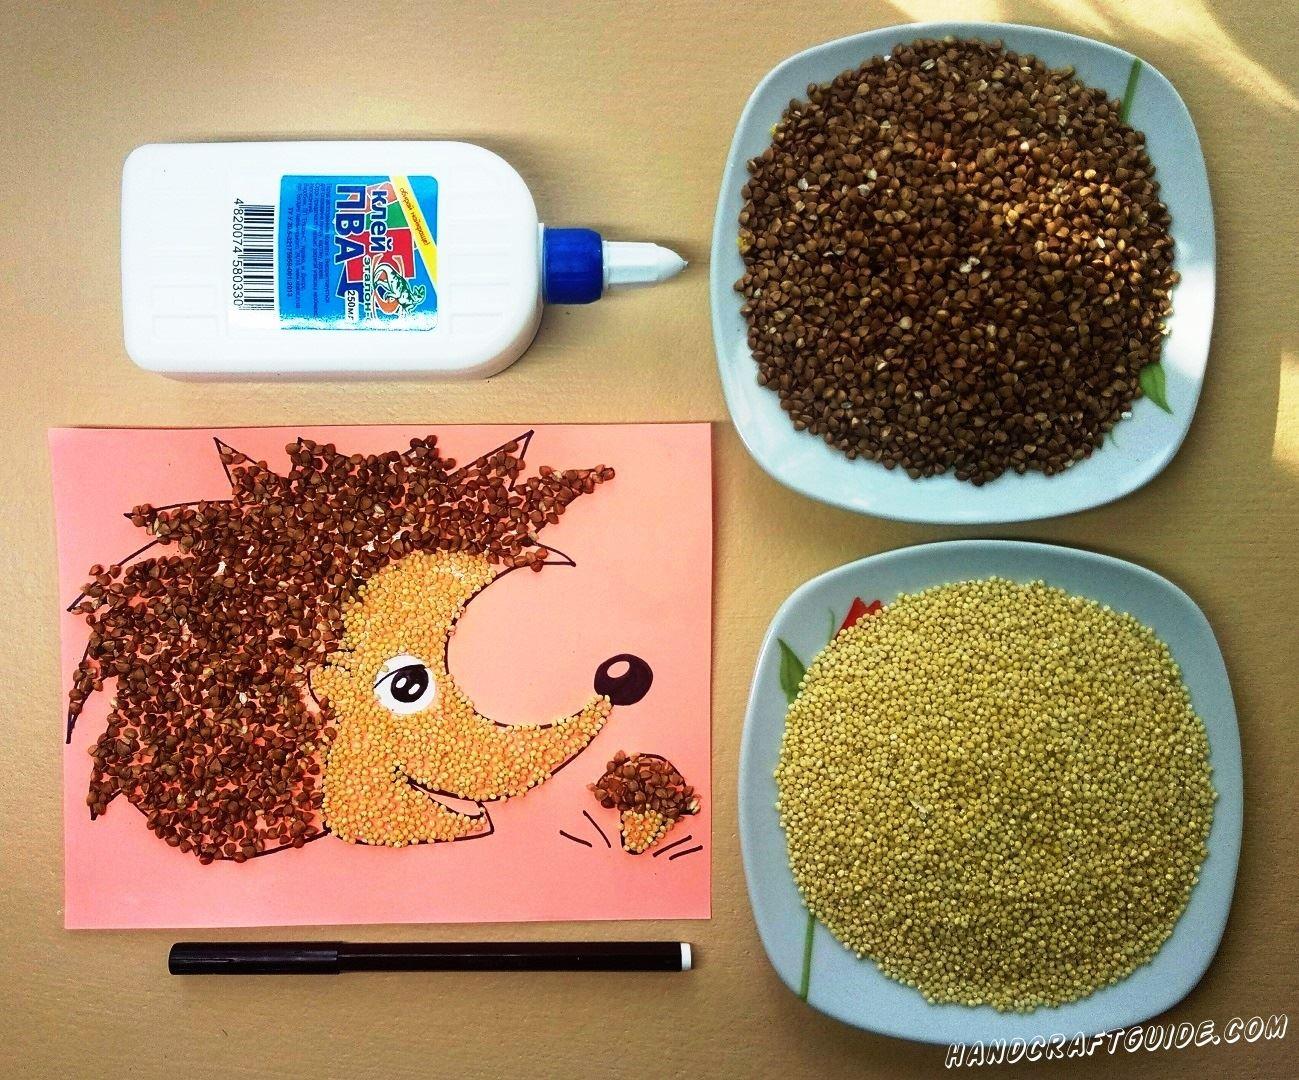 аппликация из пшена и гречки для детей ёжик